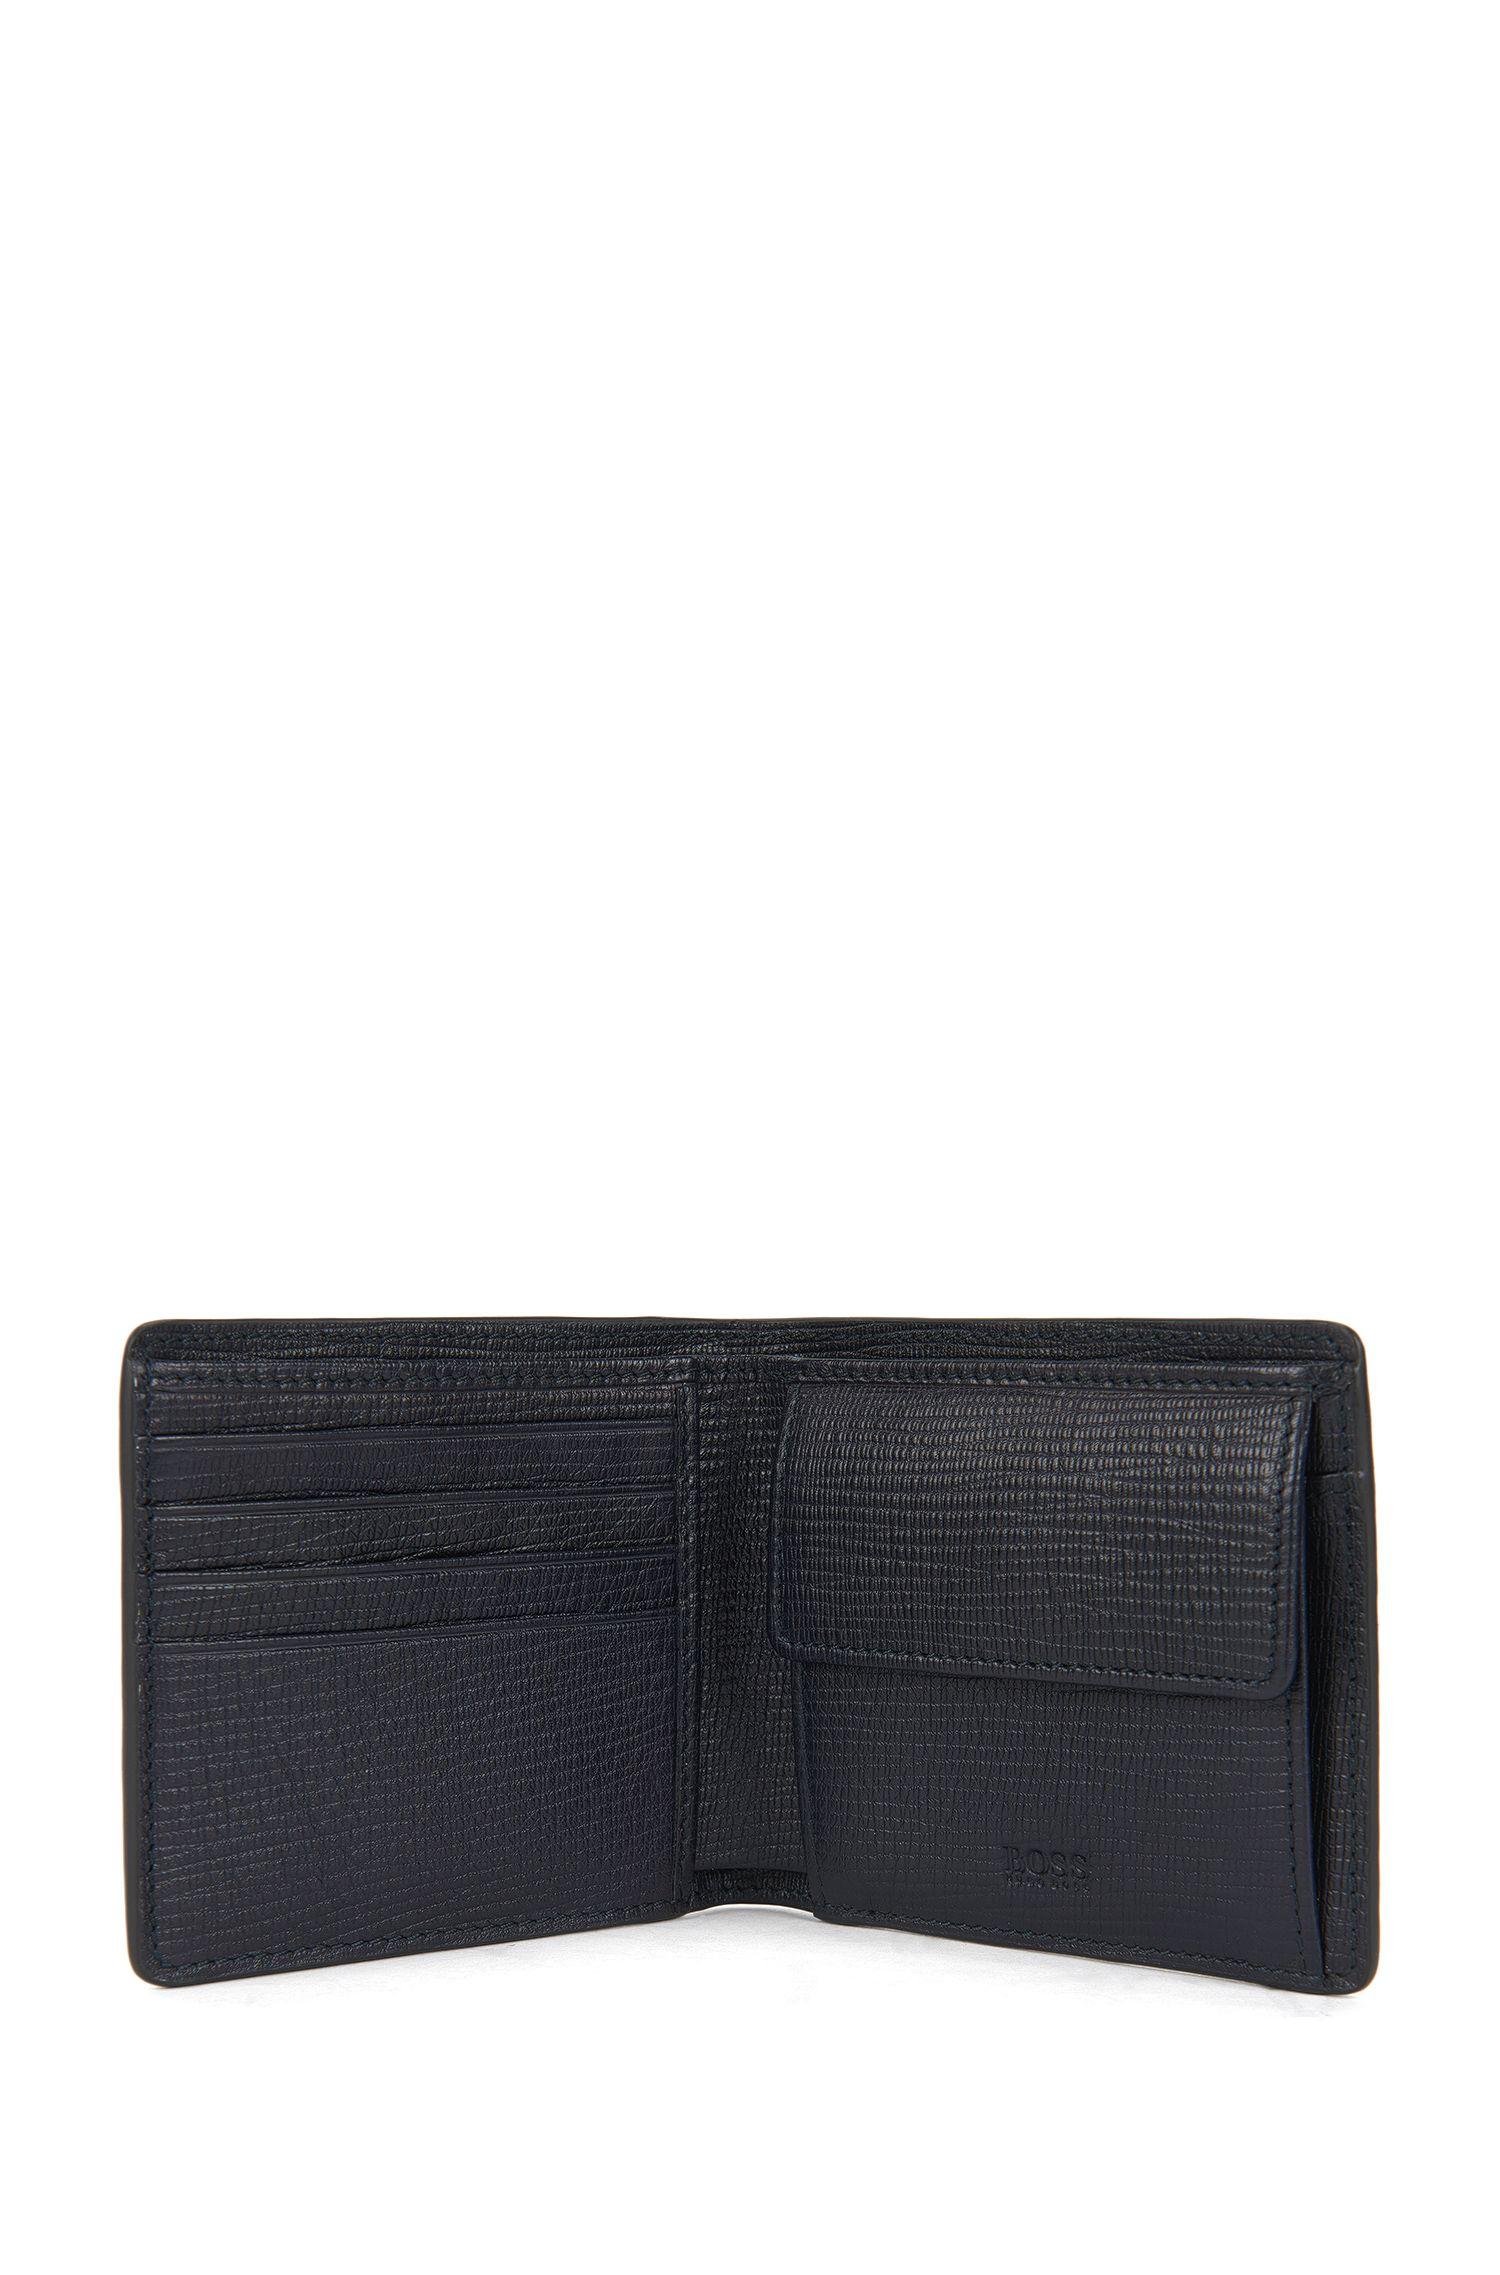 Portefeuille pliant en cuir imprimé avec pochette pour la monnaie